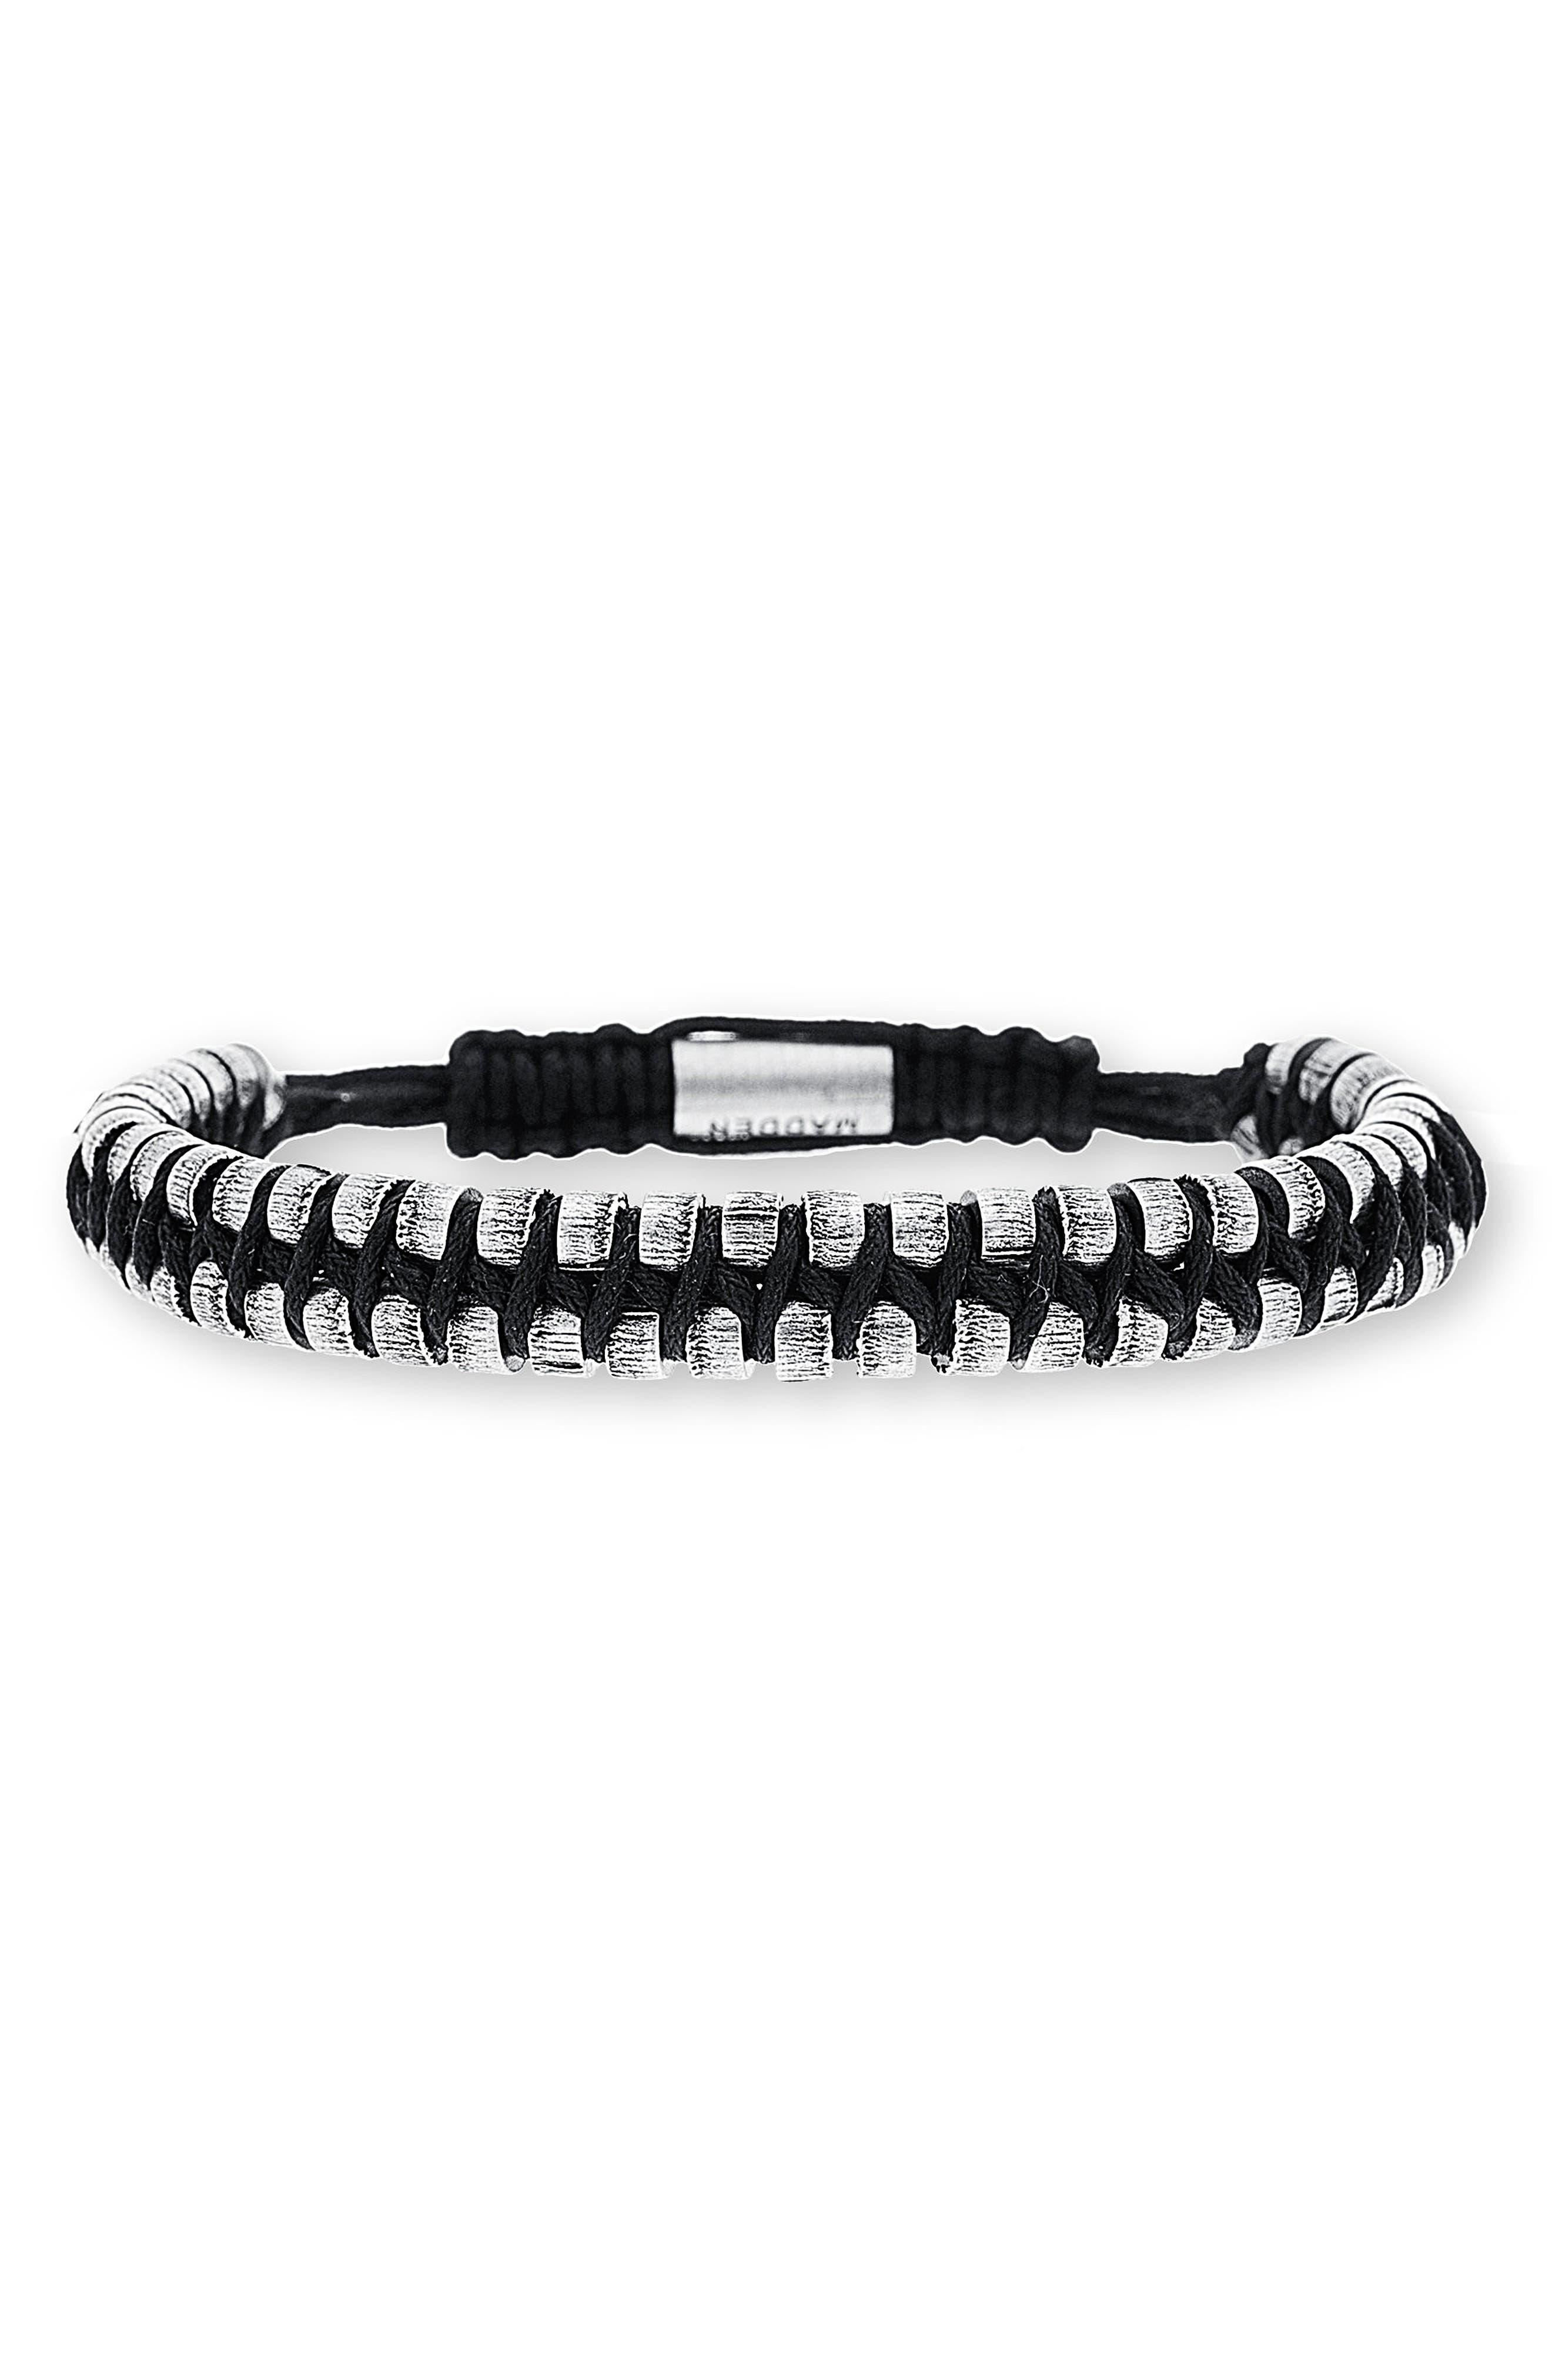 Main Image - Steve Madden 'Rondelle' Cord Bracelet